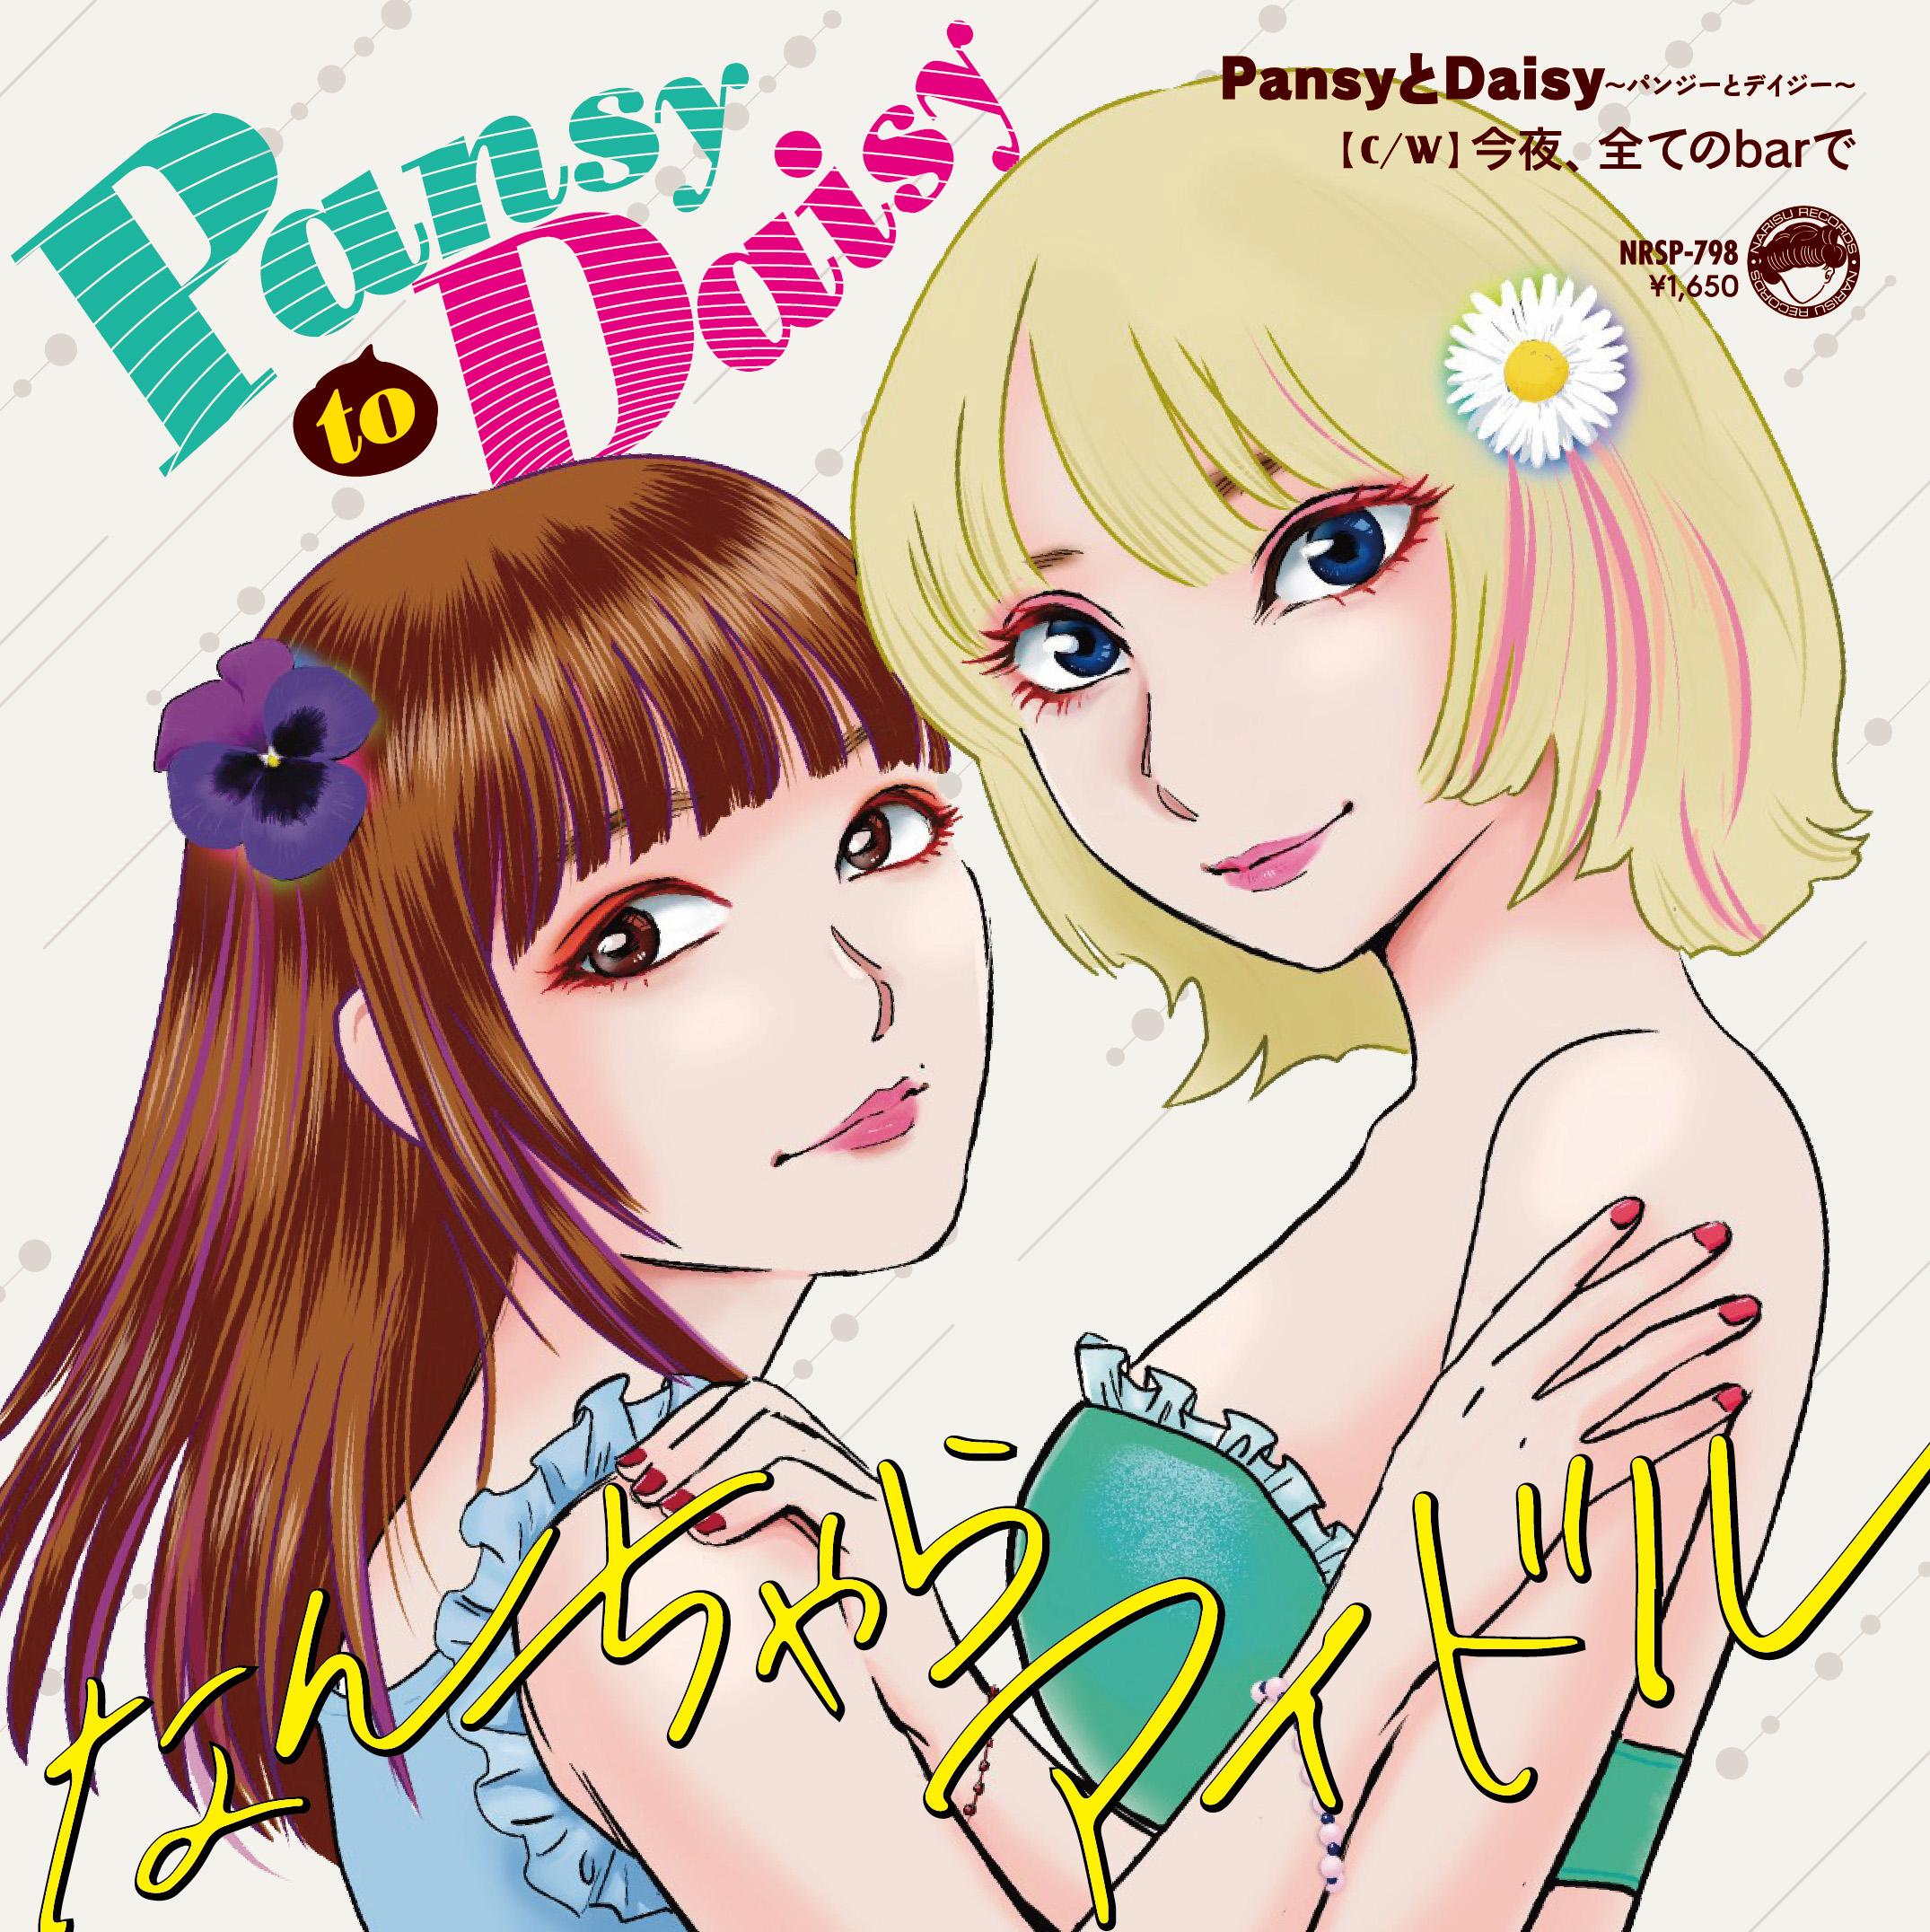 07-048 なんちゃらアイドル – PansyとDaisy / 今夜、全てのBarで